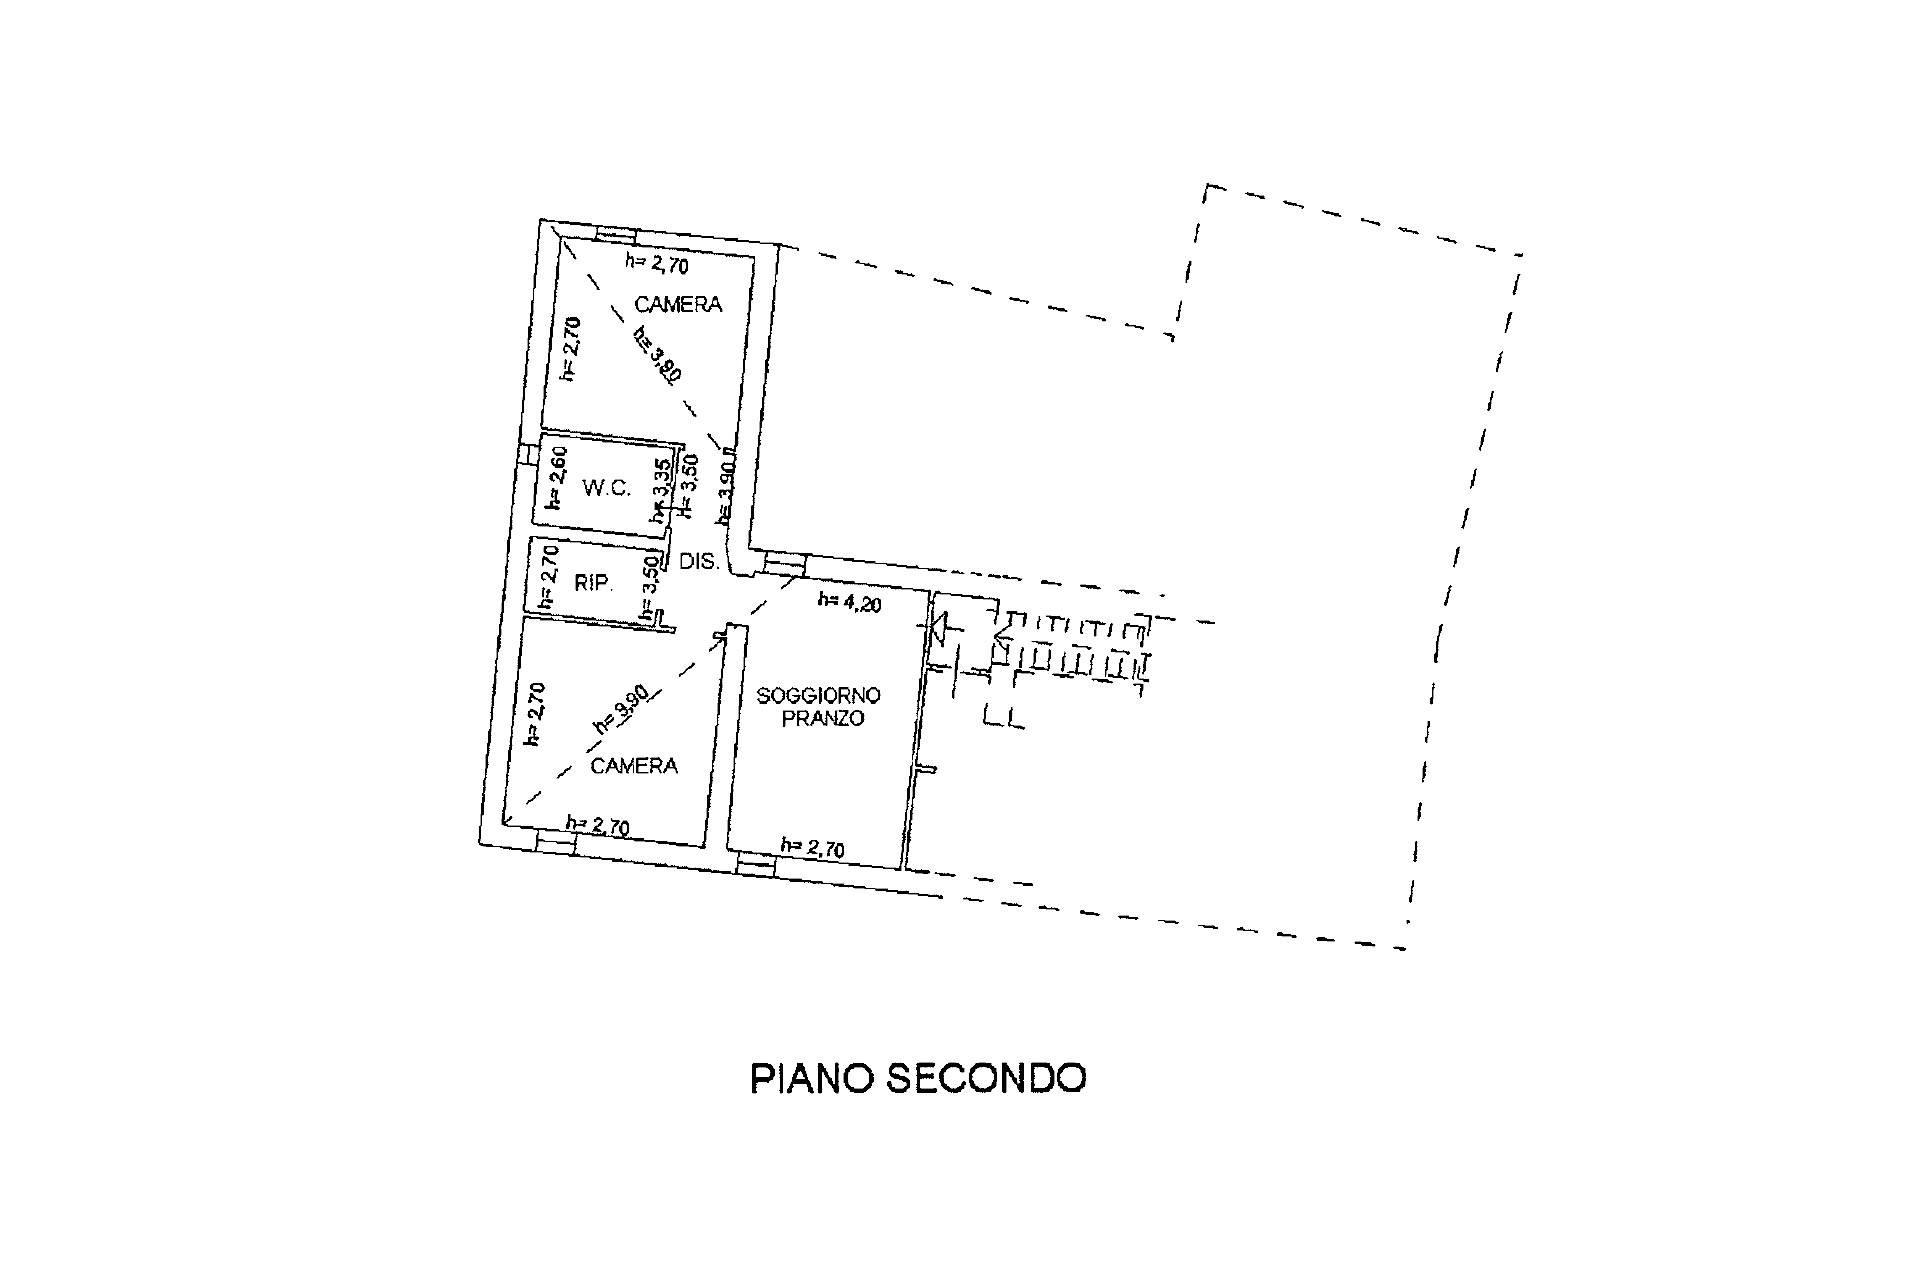 Planimetria appartamento piano secondo